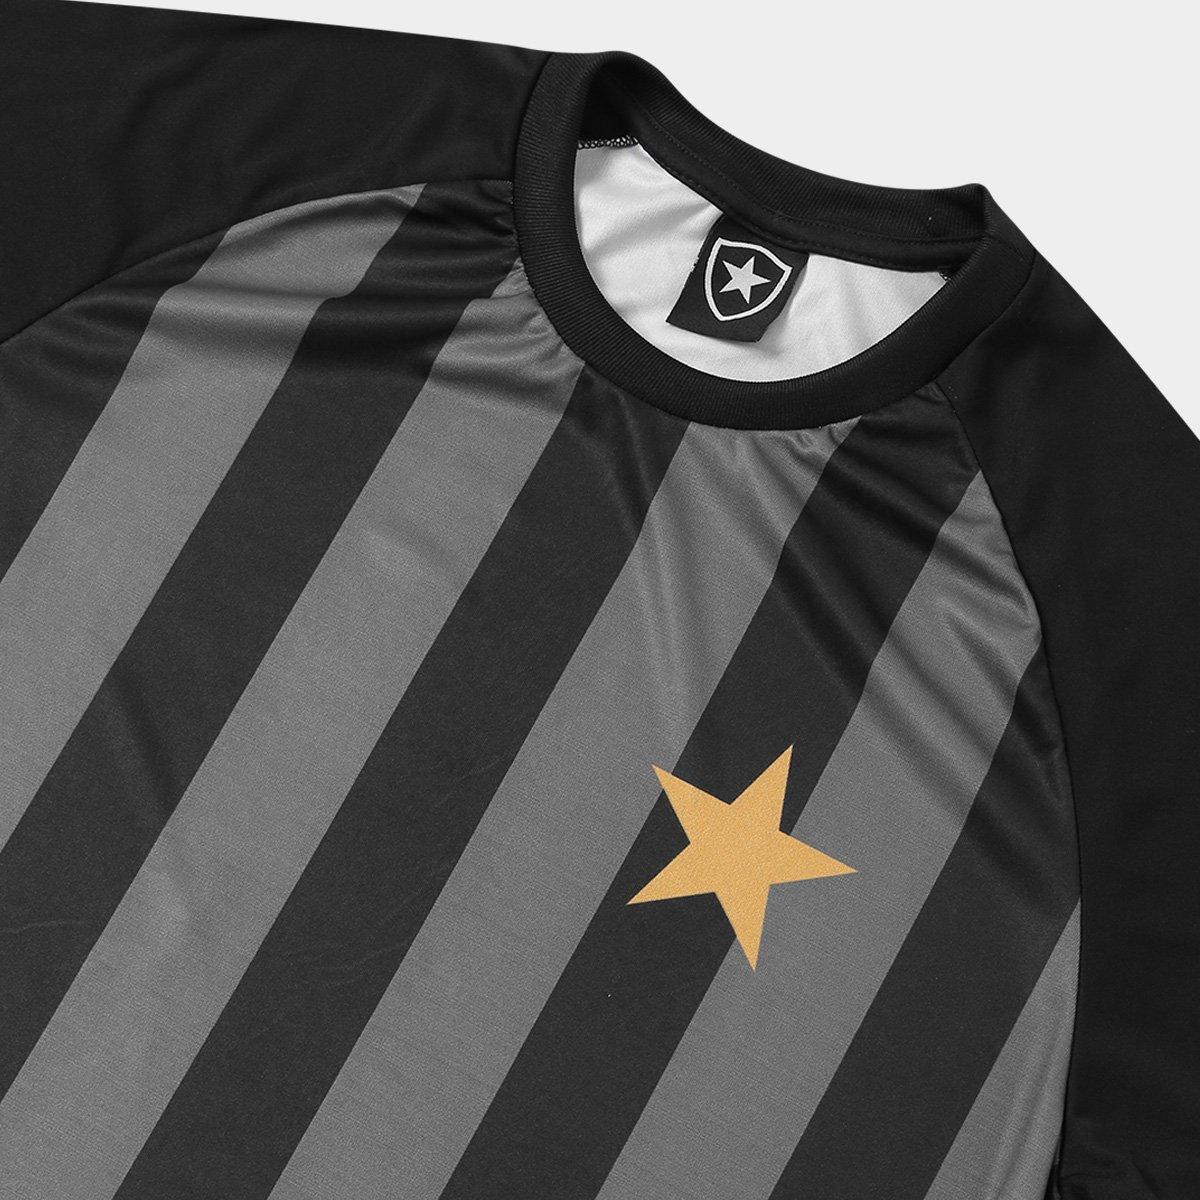 093d5e7931 Camisa Botafogo Estrela Gold nº 7 - Edição Limitada Masculina ...